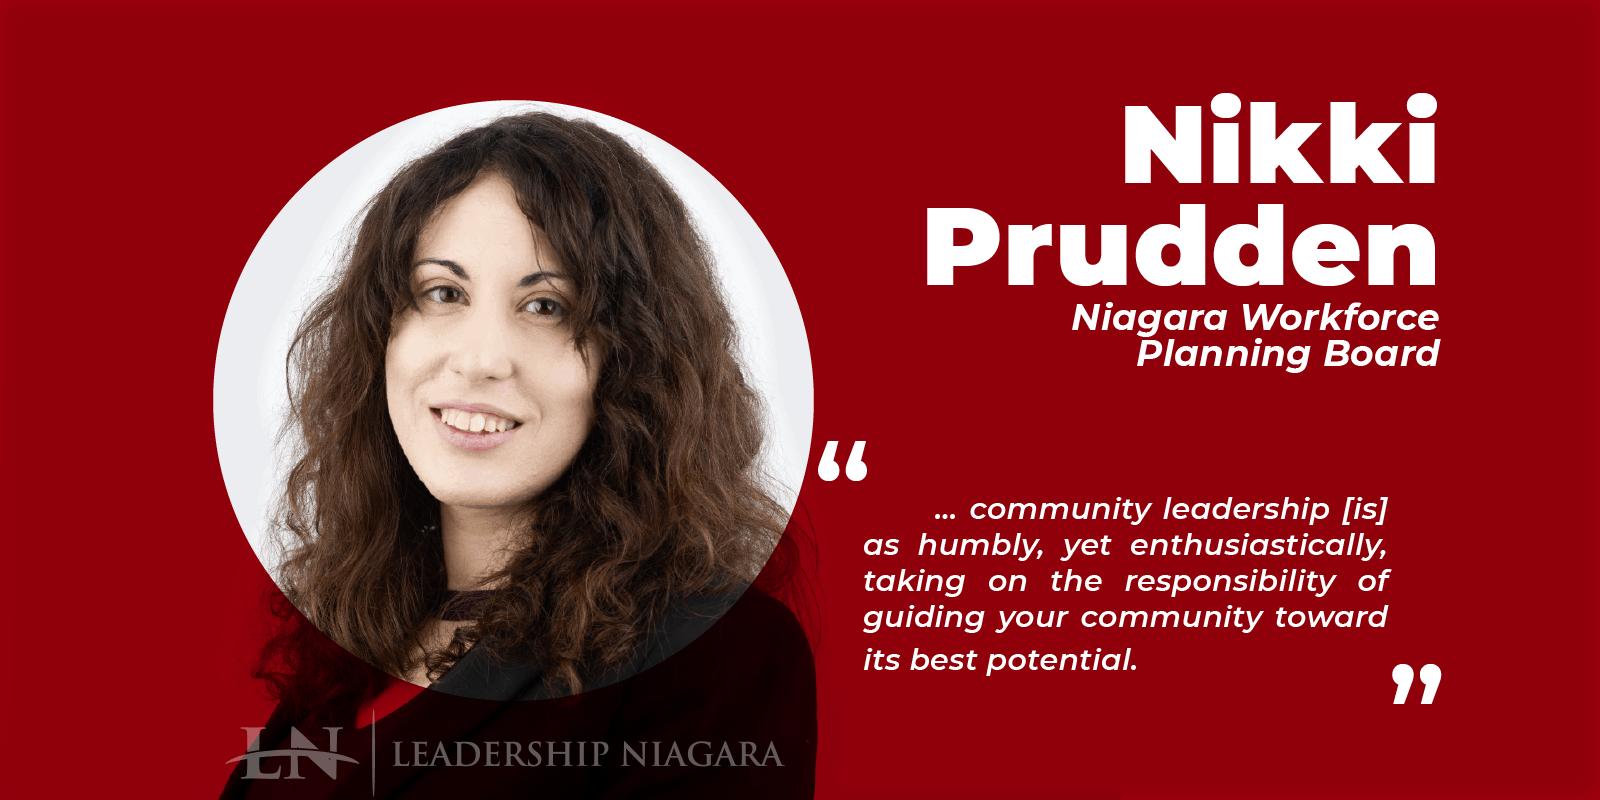 Nikki Prudden - Niagara Workforce Planning Board